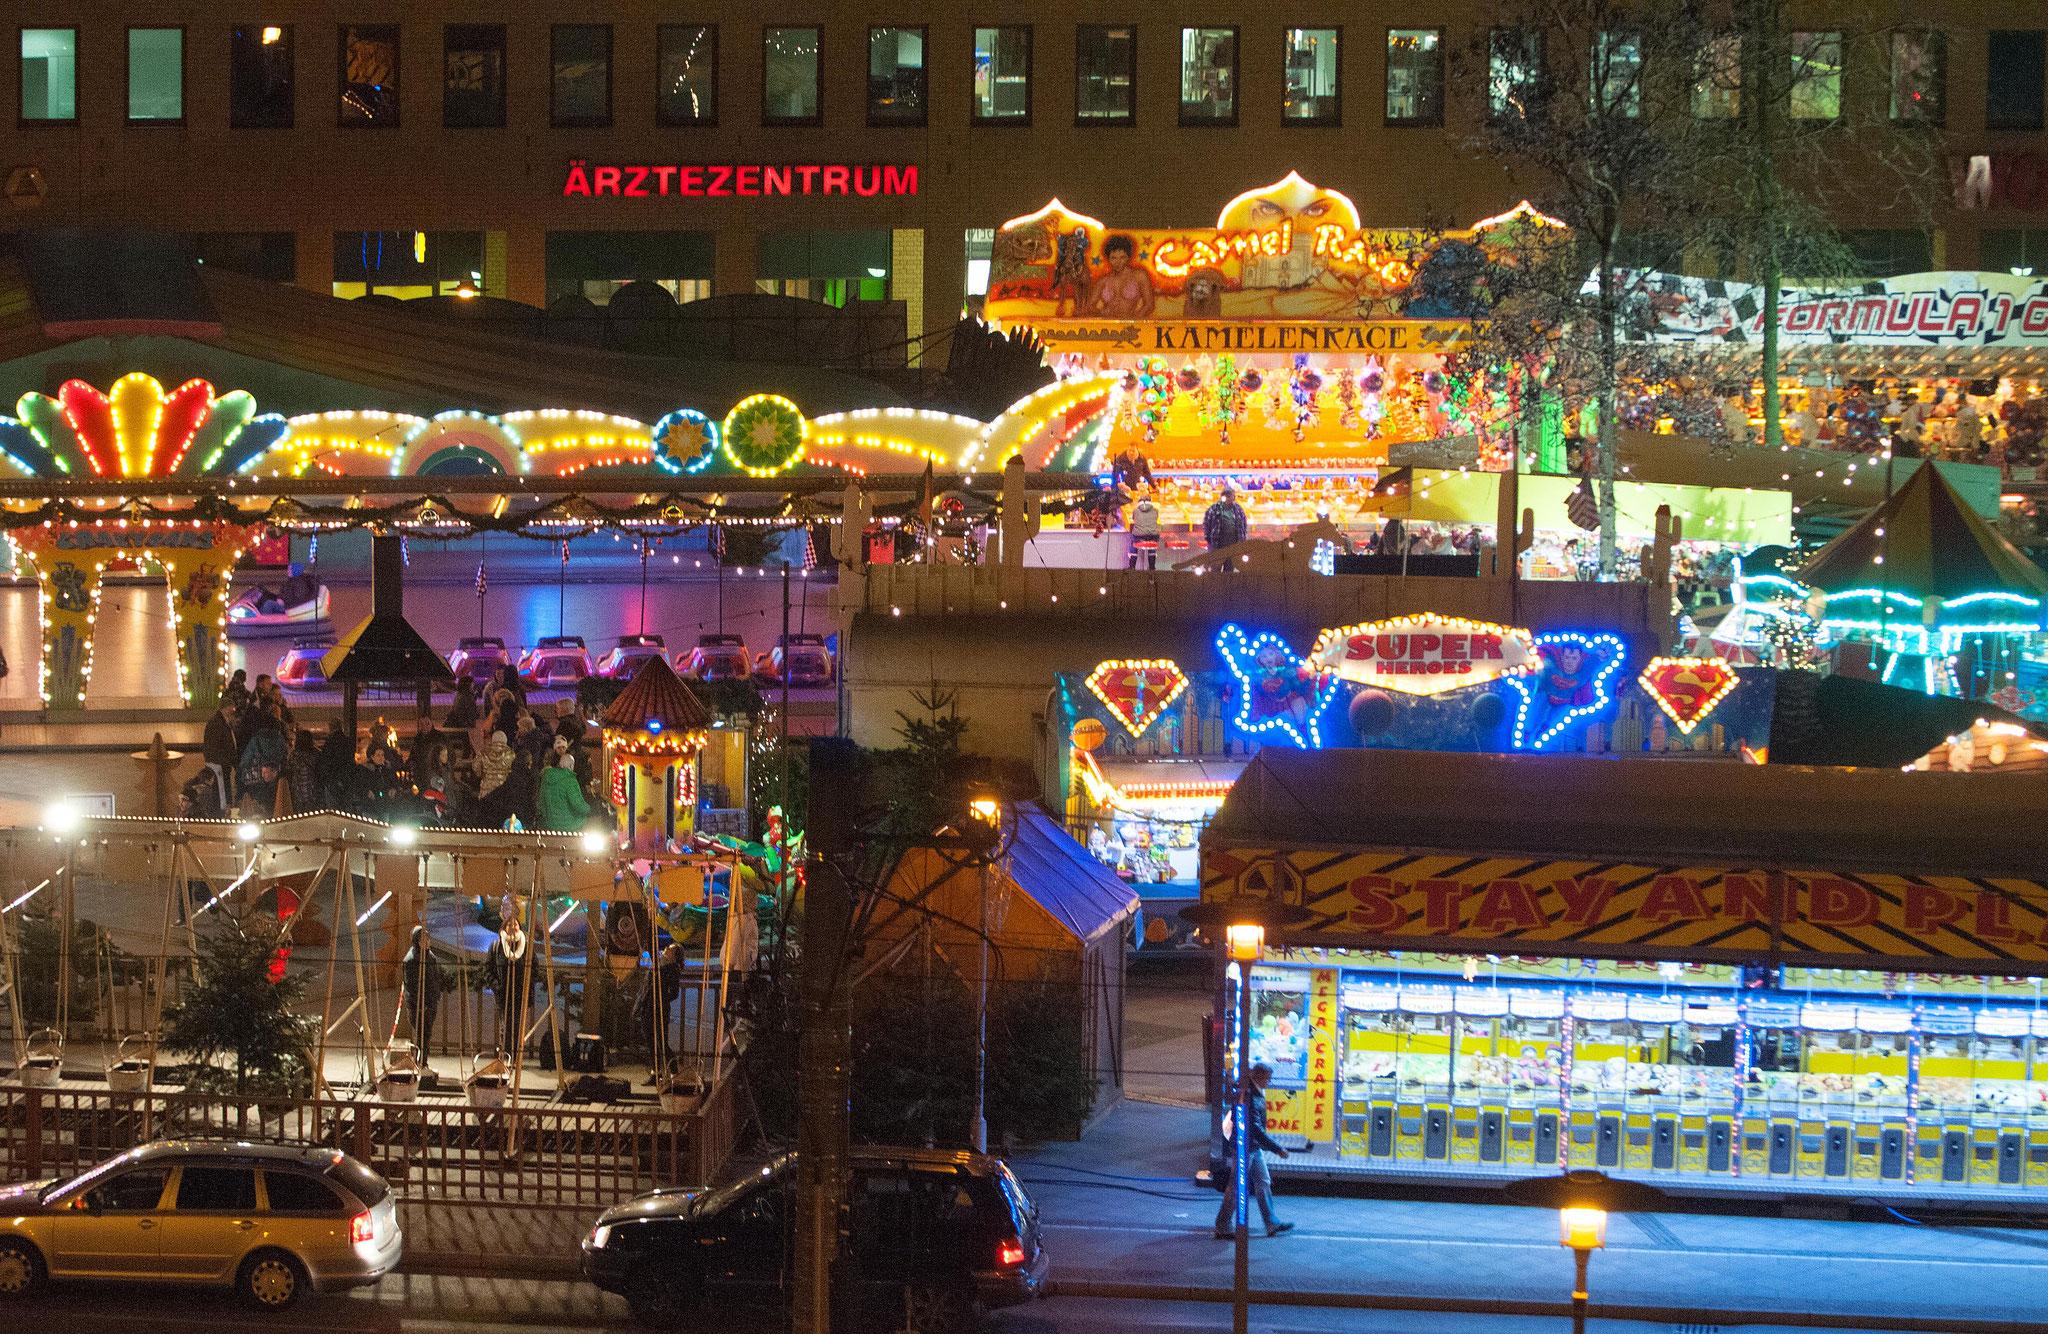 Es Weihnachtet Sehr In Marzahn Hellersdorf Berliner